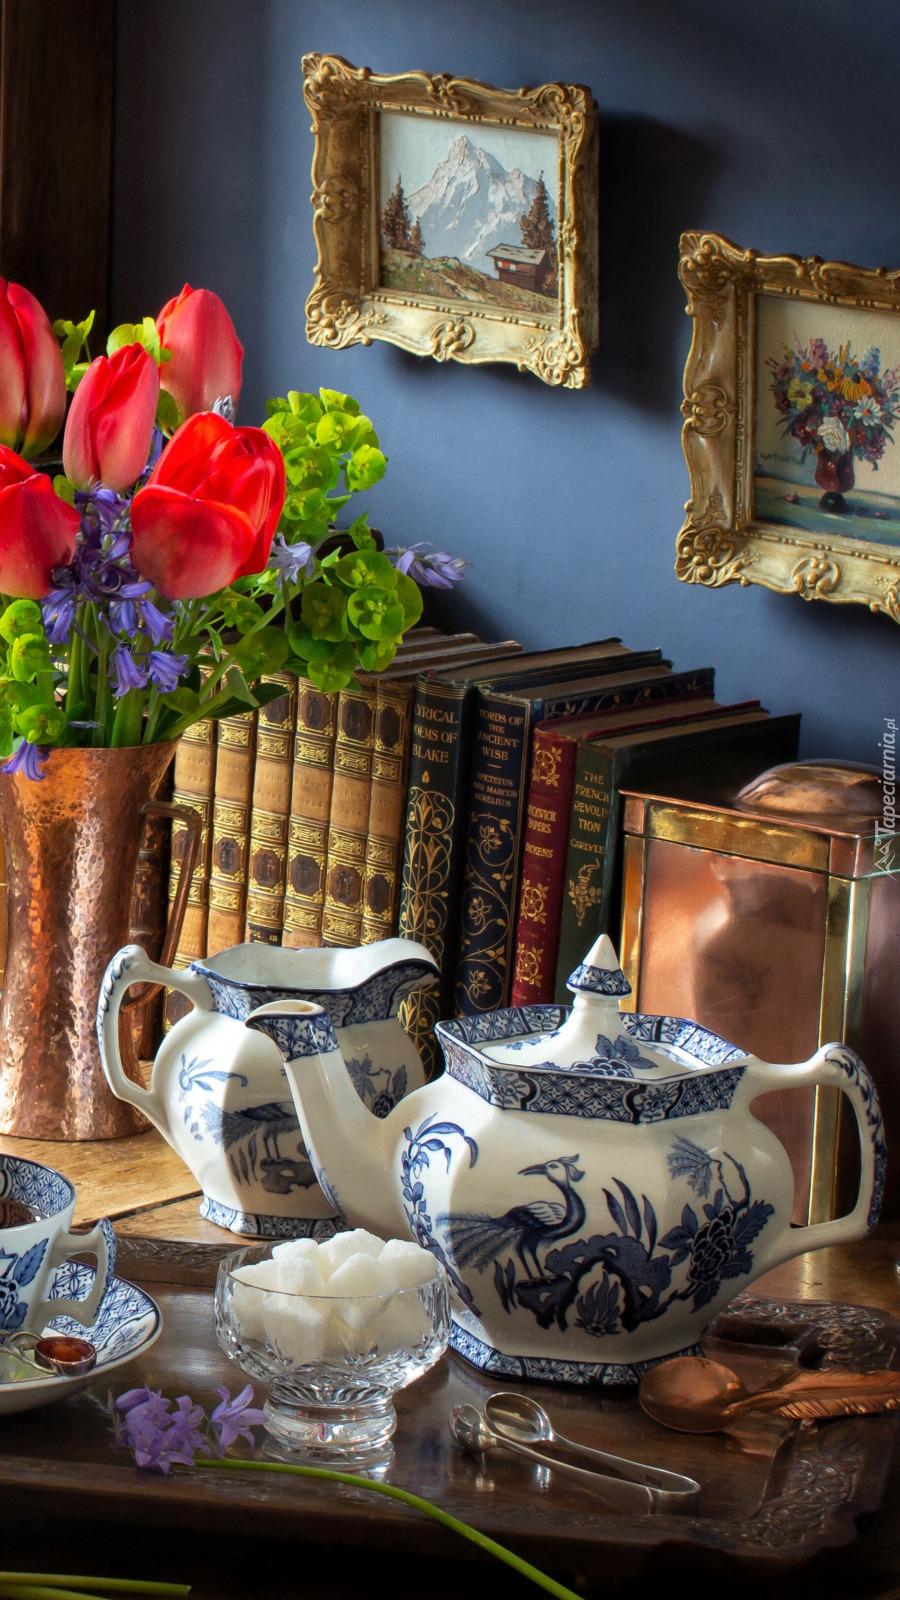 Porcelanowa zastawa przy książkach